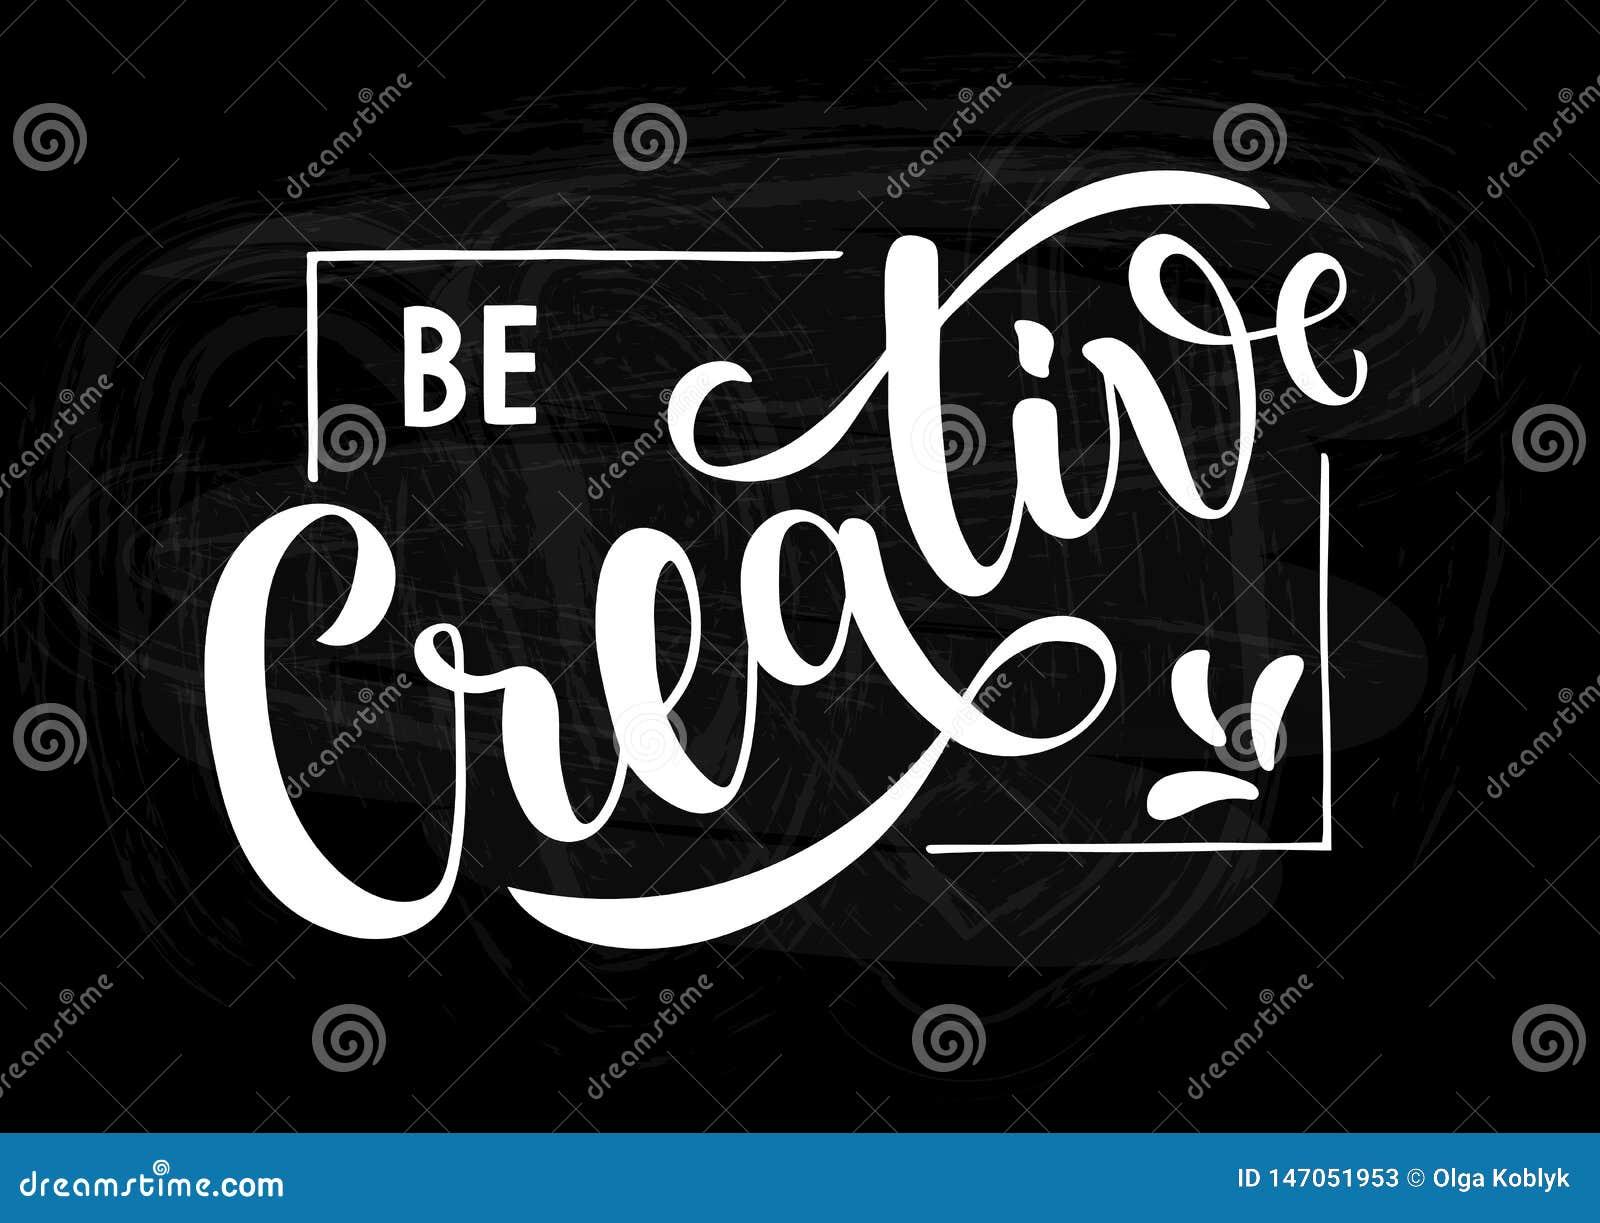 Seien Sie - Motiv- und inspirierend handgeschriebenes Zitat auf schwarzer Tafel kreativ